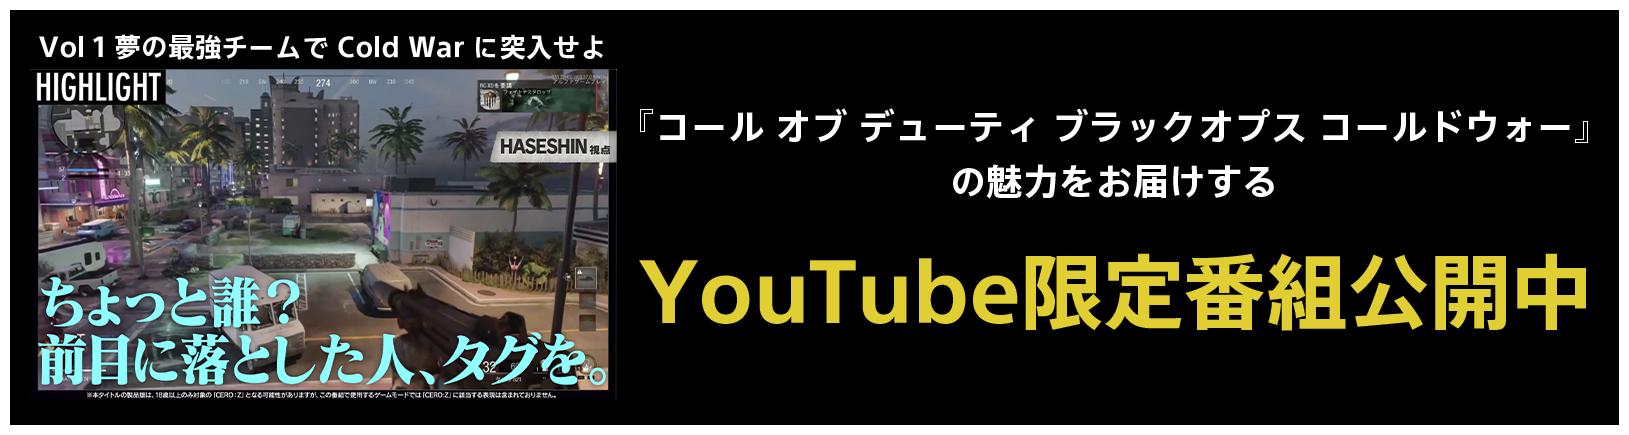 『コールオブデューティーブラックオプス コールドウォー』の魅力をお届けするYouTube限定番組放映中